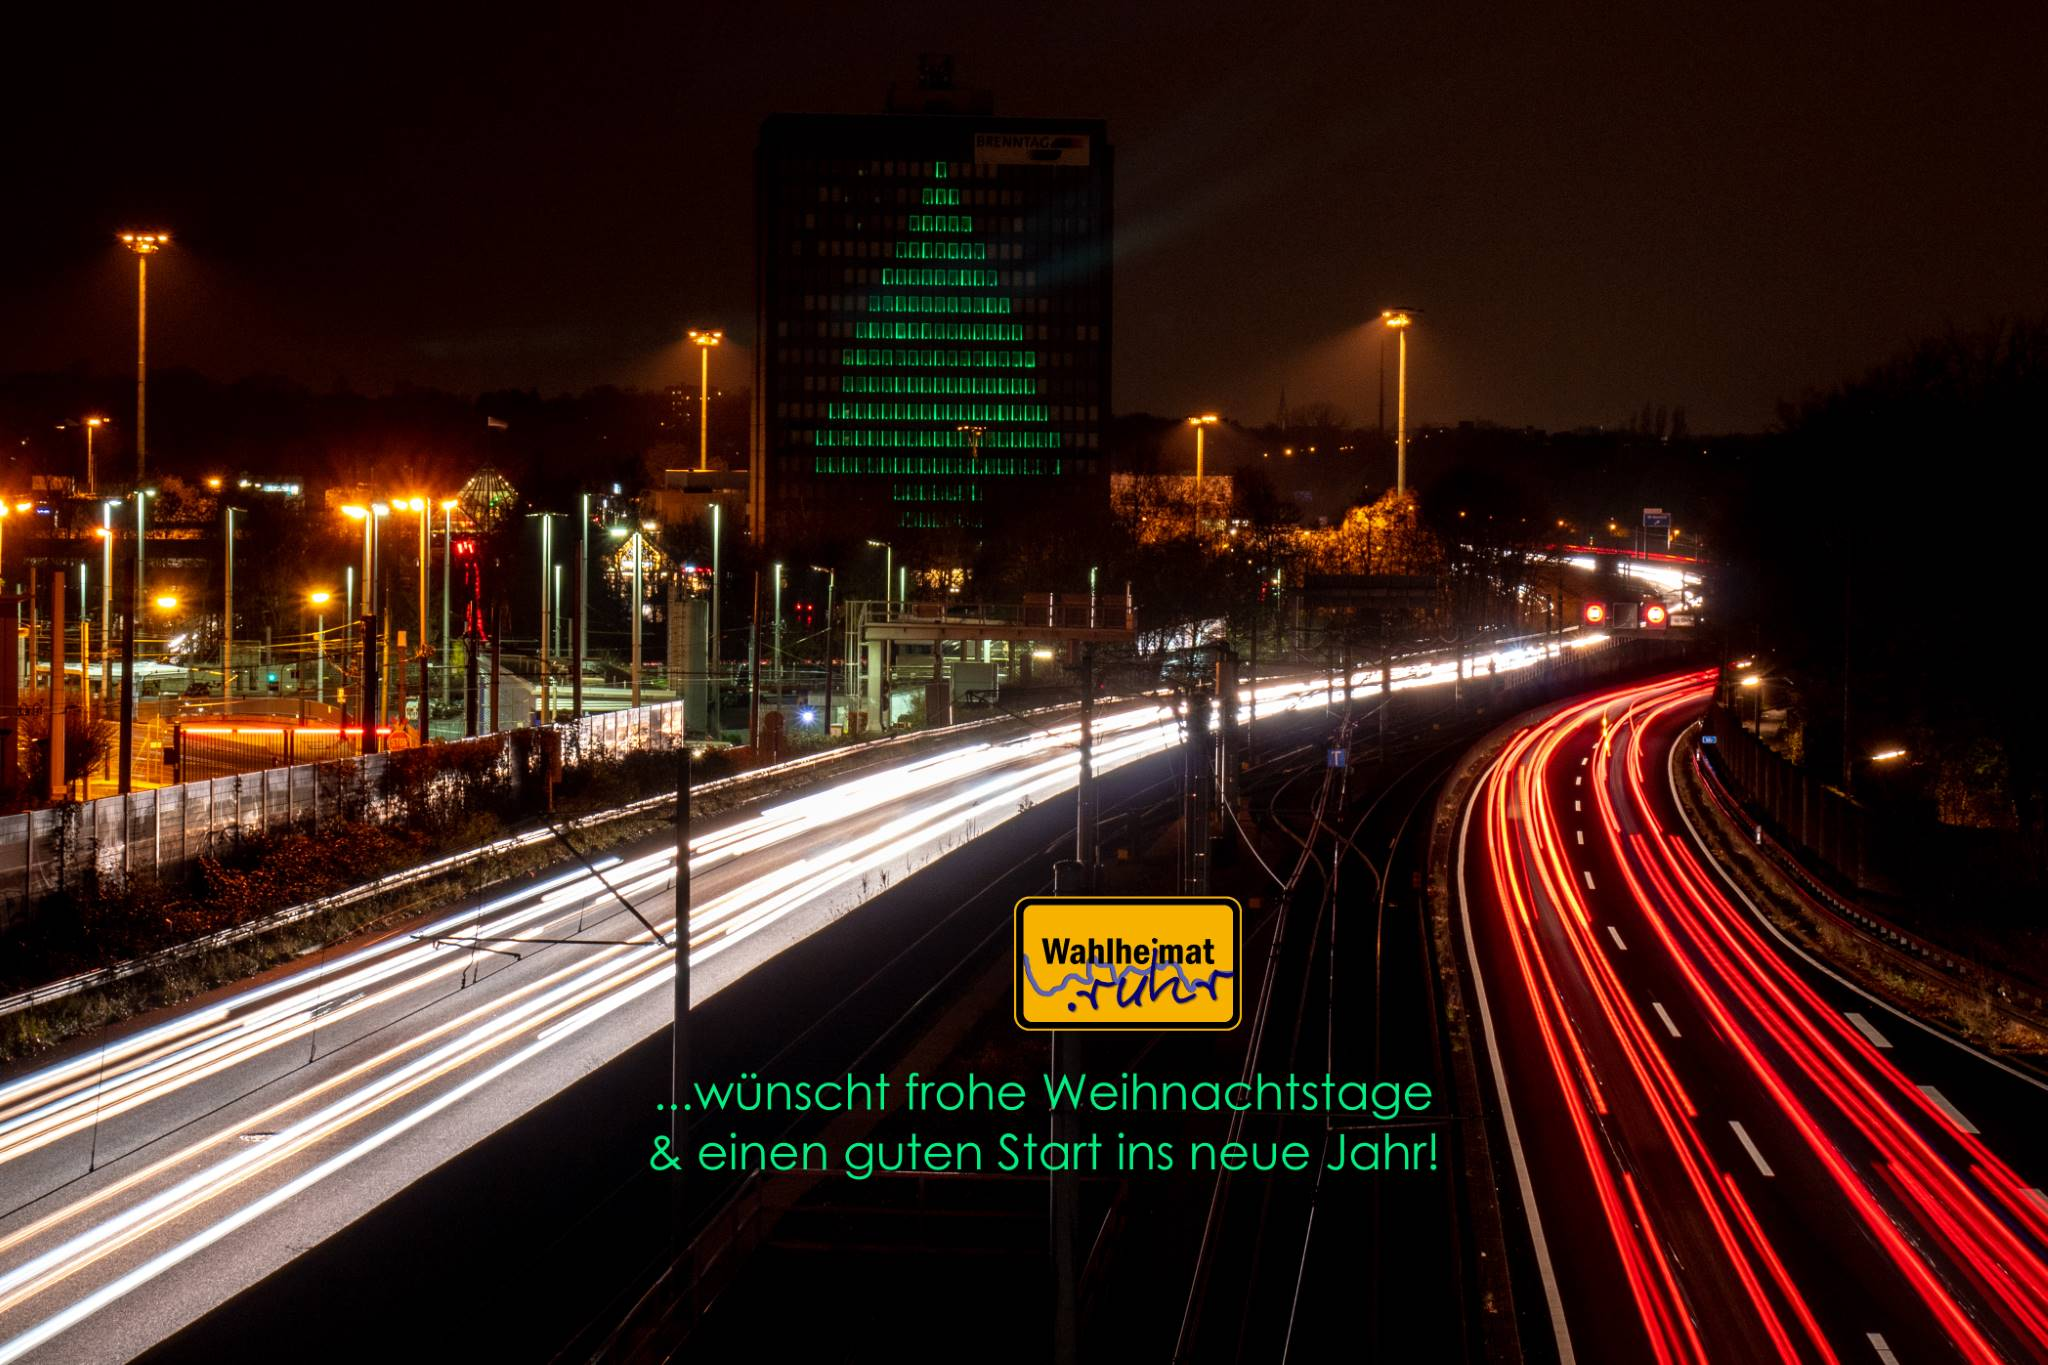 Weihnachtsbaum-Beleuchtung im ehemaligen Brenntag-Gebäude an der A40, jetzt Rhein-Ruhr-Zentrum. Stadtgrenze Essen/Mülheim an der Ruhr.